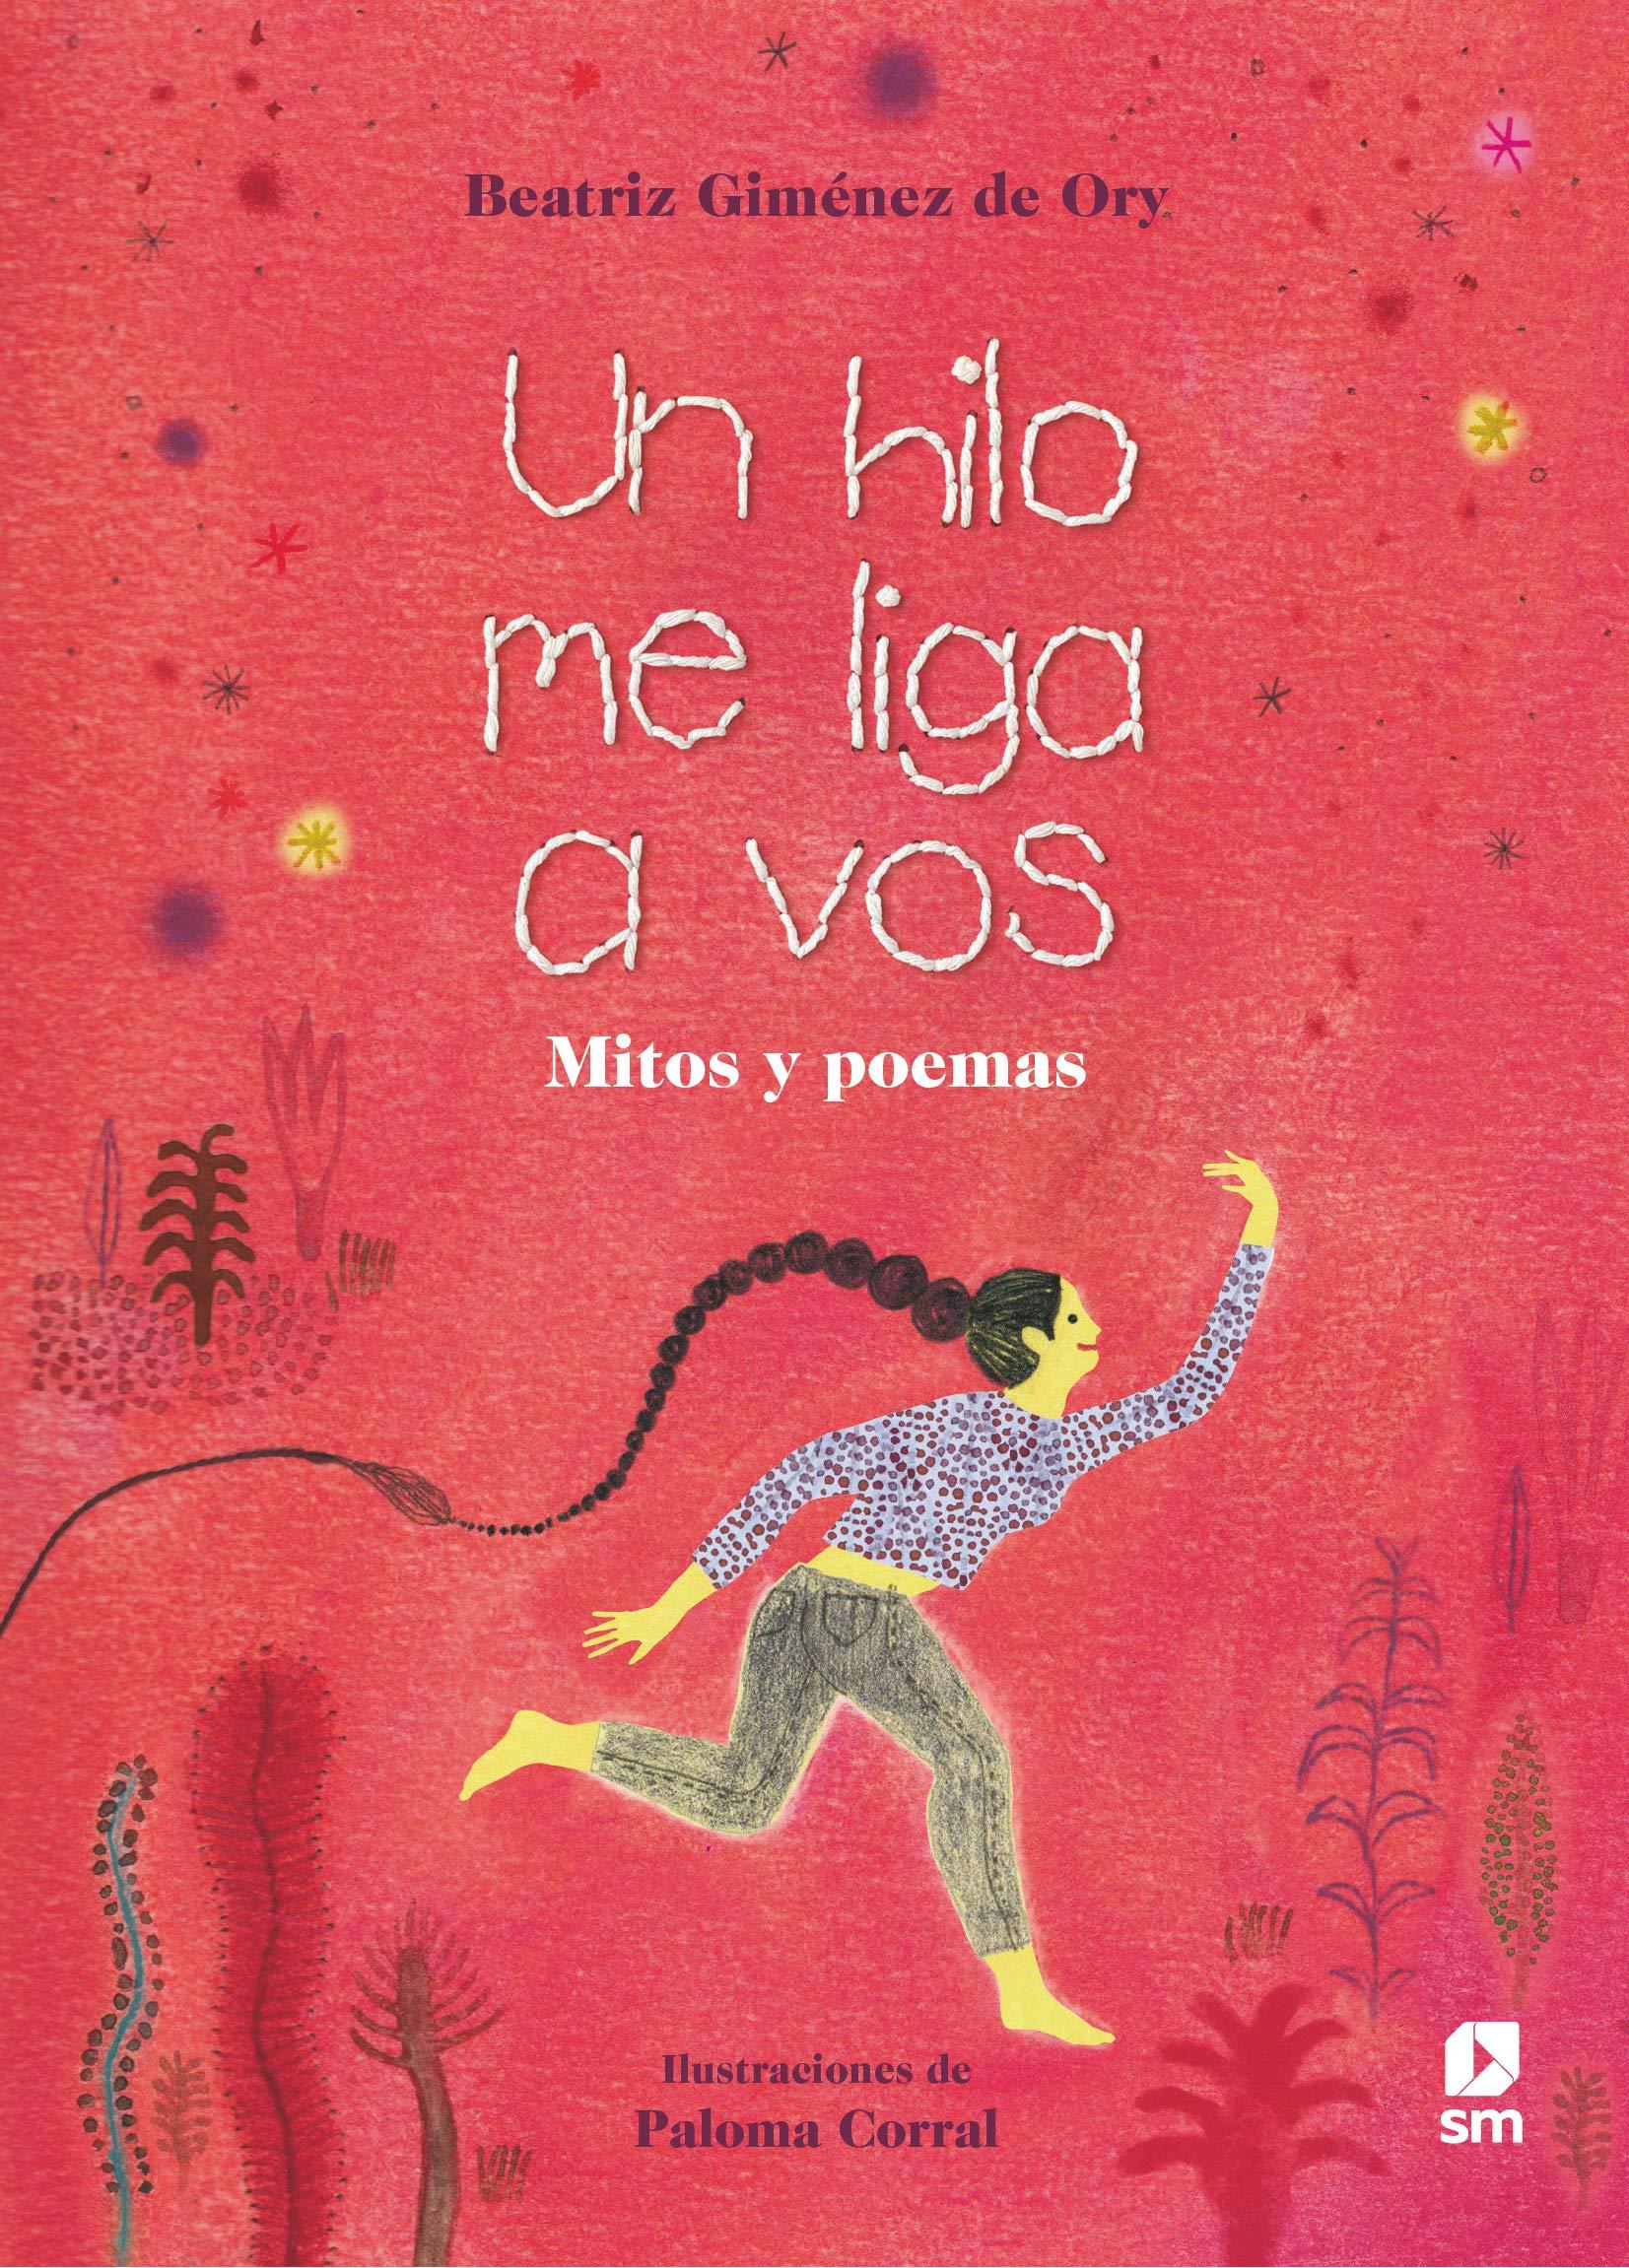 Beatriz Giménez de Ory, Premio Nacional de Literatura Infantil y Juvenil 2021 por Un hilo me liga a vos. Mitos y poemas..